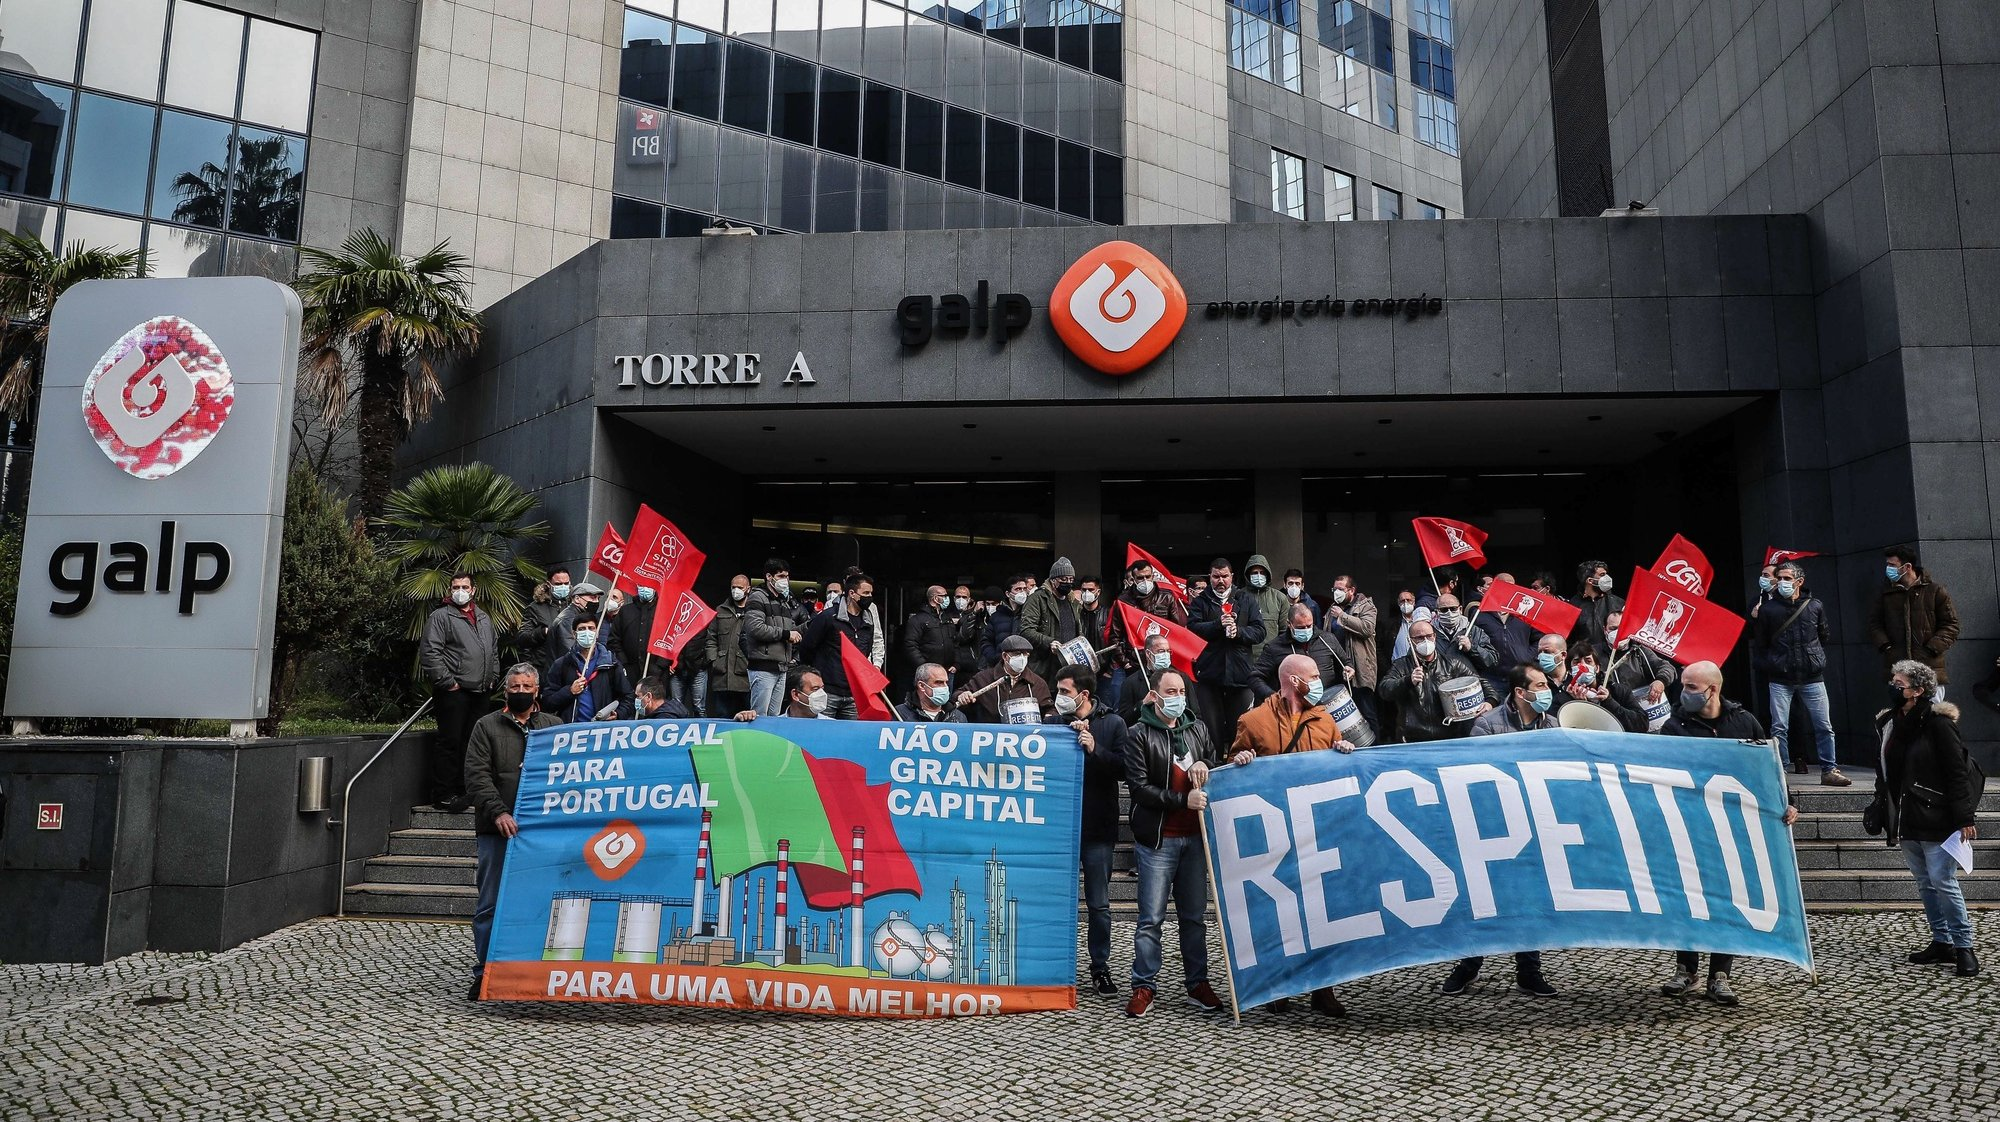 Trabalhadores da Petrogal (Grupo Galp Energia) participam no protesto contra a decisão da administração de encerrar a refinaria instalada em Matosinhos, frente à sede da Petrogal em Lisboa, 2 de fevereiro de 2021. MÁRIO CRUZ/LUSA